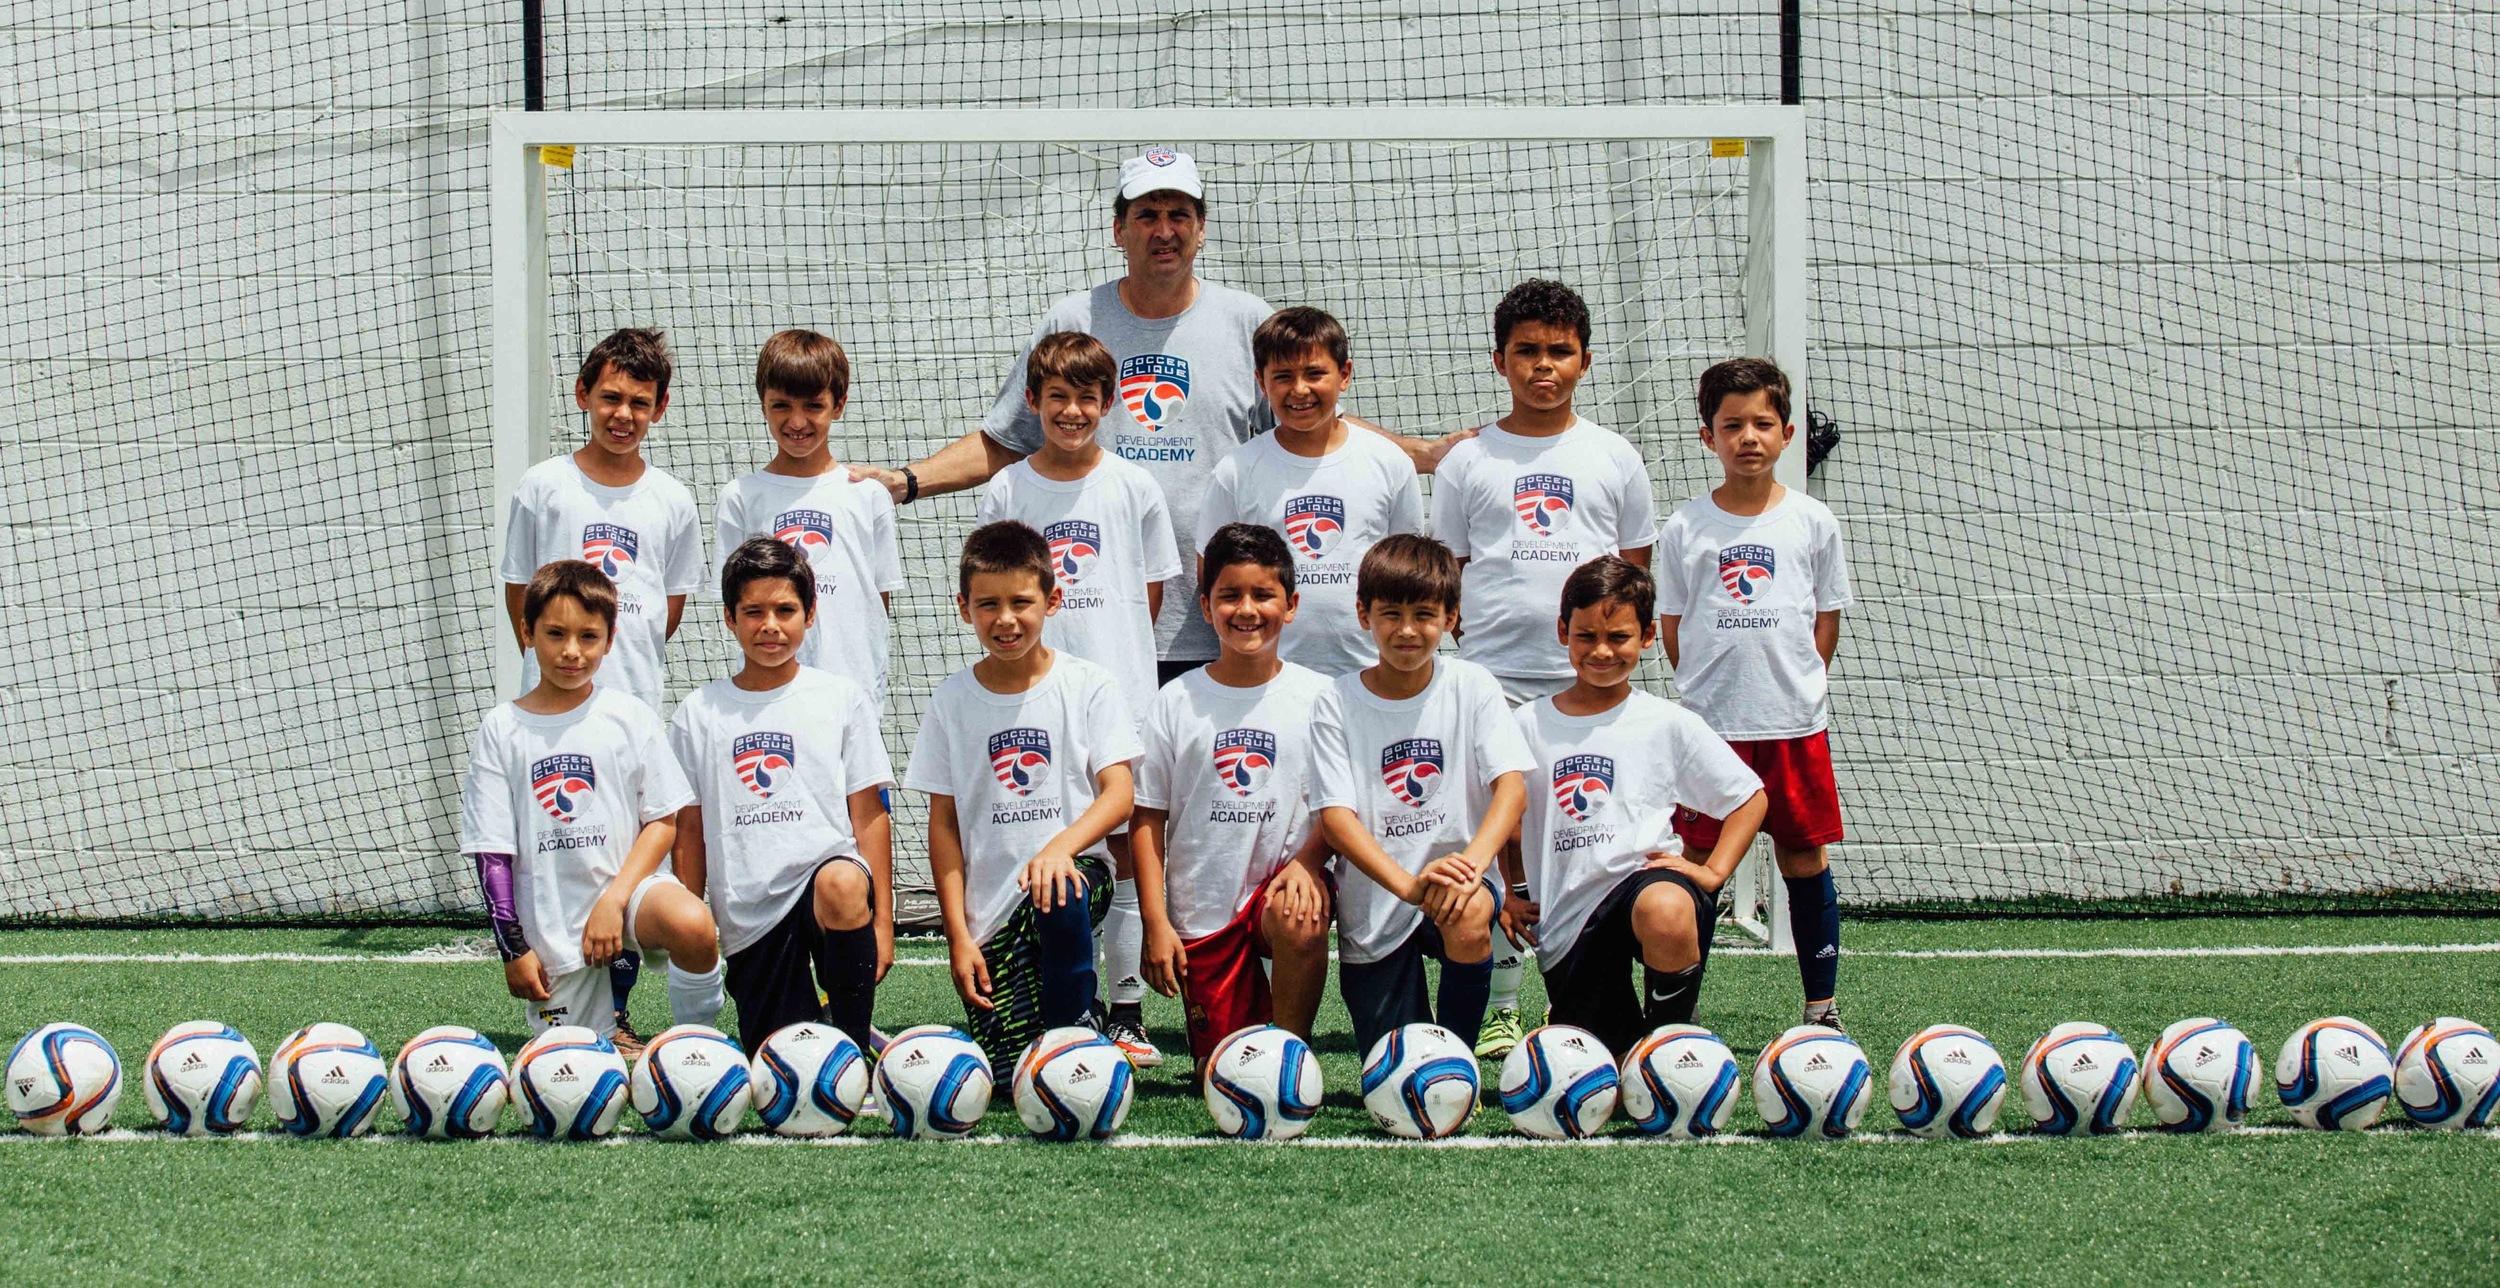 Soccer Clique | Academy | U10 Players